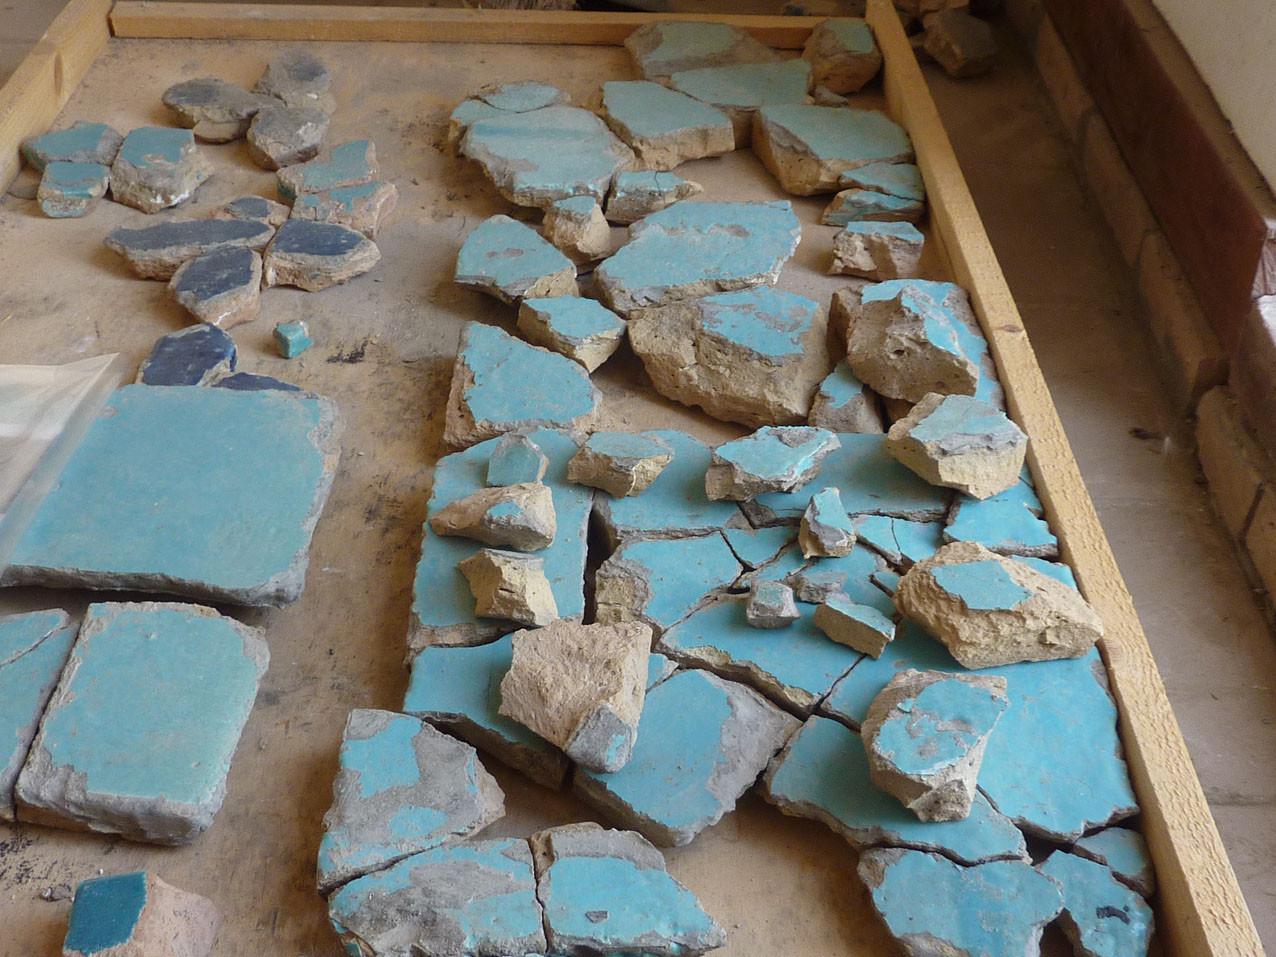 Grands carreaux de couleur turquoise en cours de remontage (Socra, 2012)